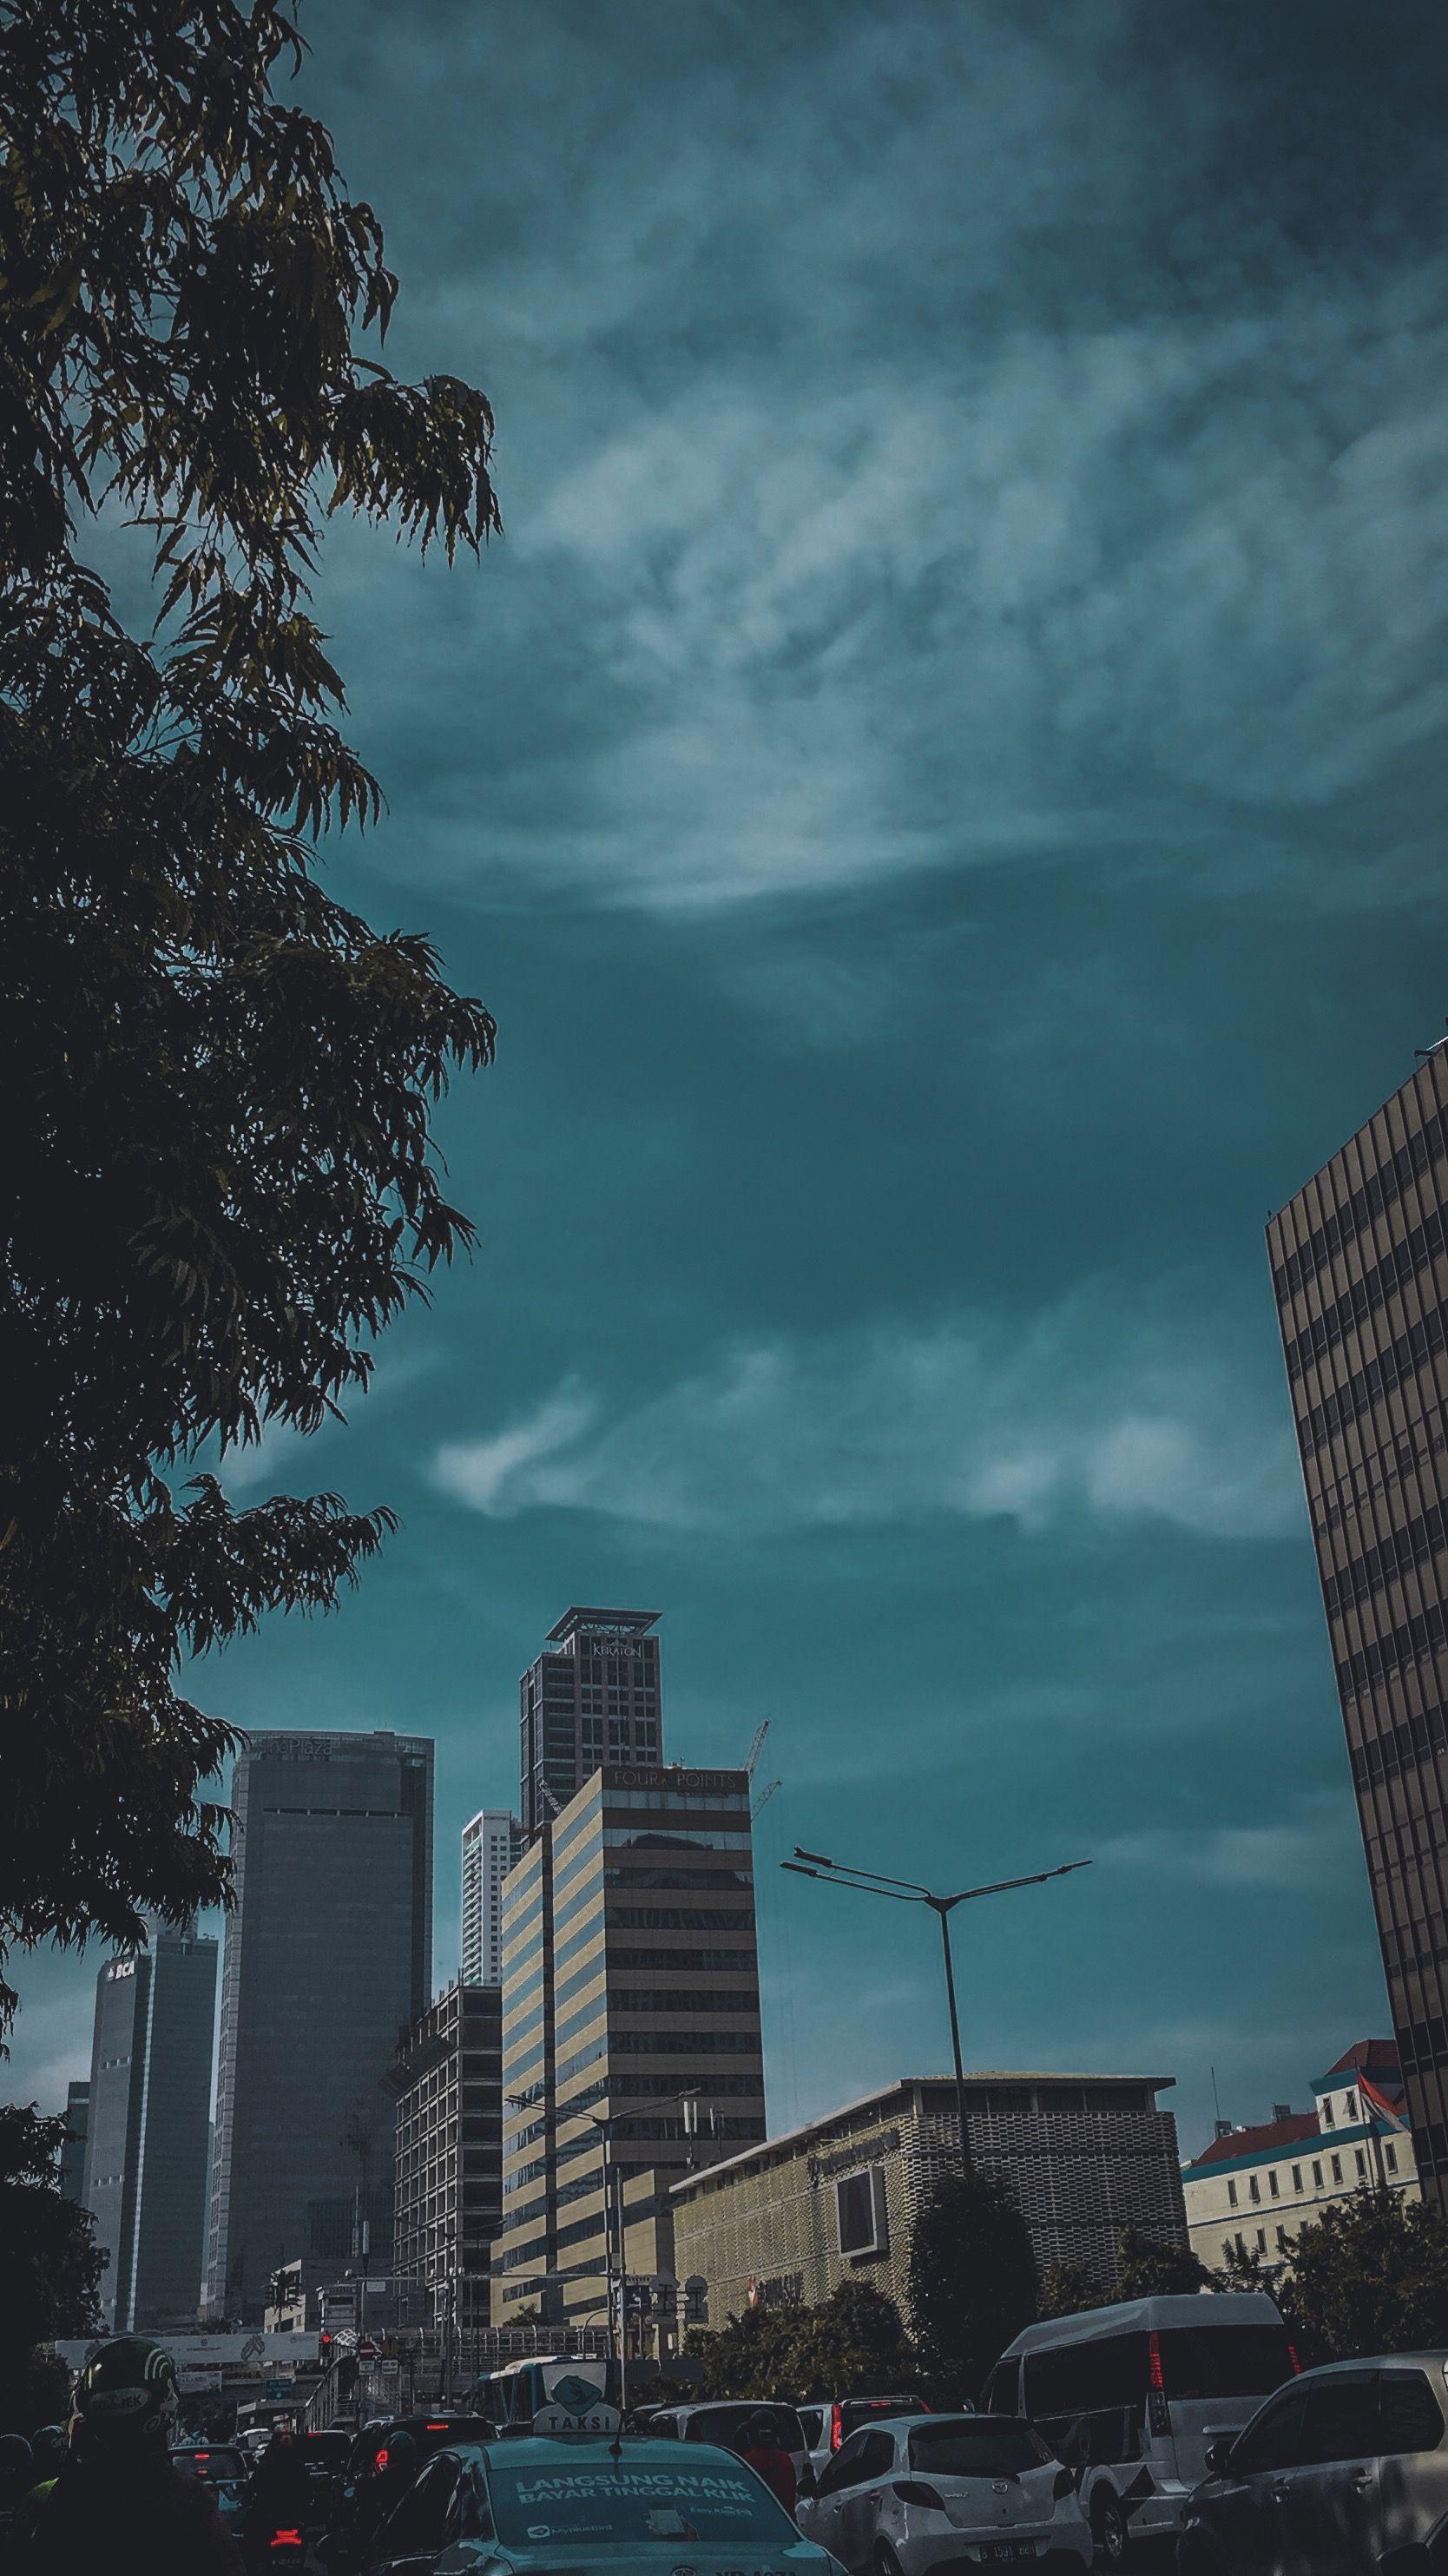 Pin Oleh Devia Syakila Di Gambar Fotografi Alam Pemandangan